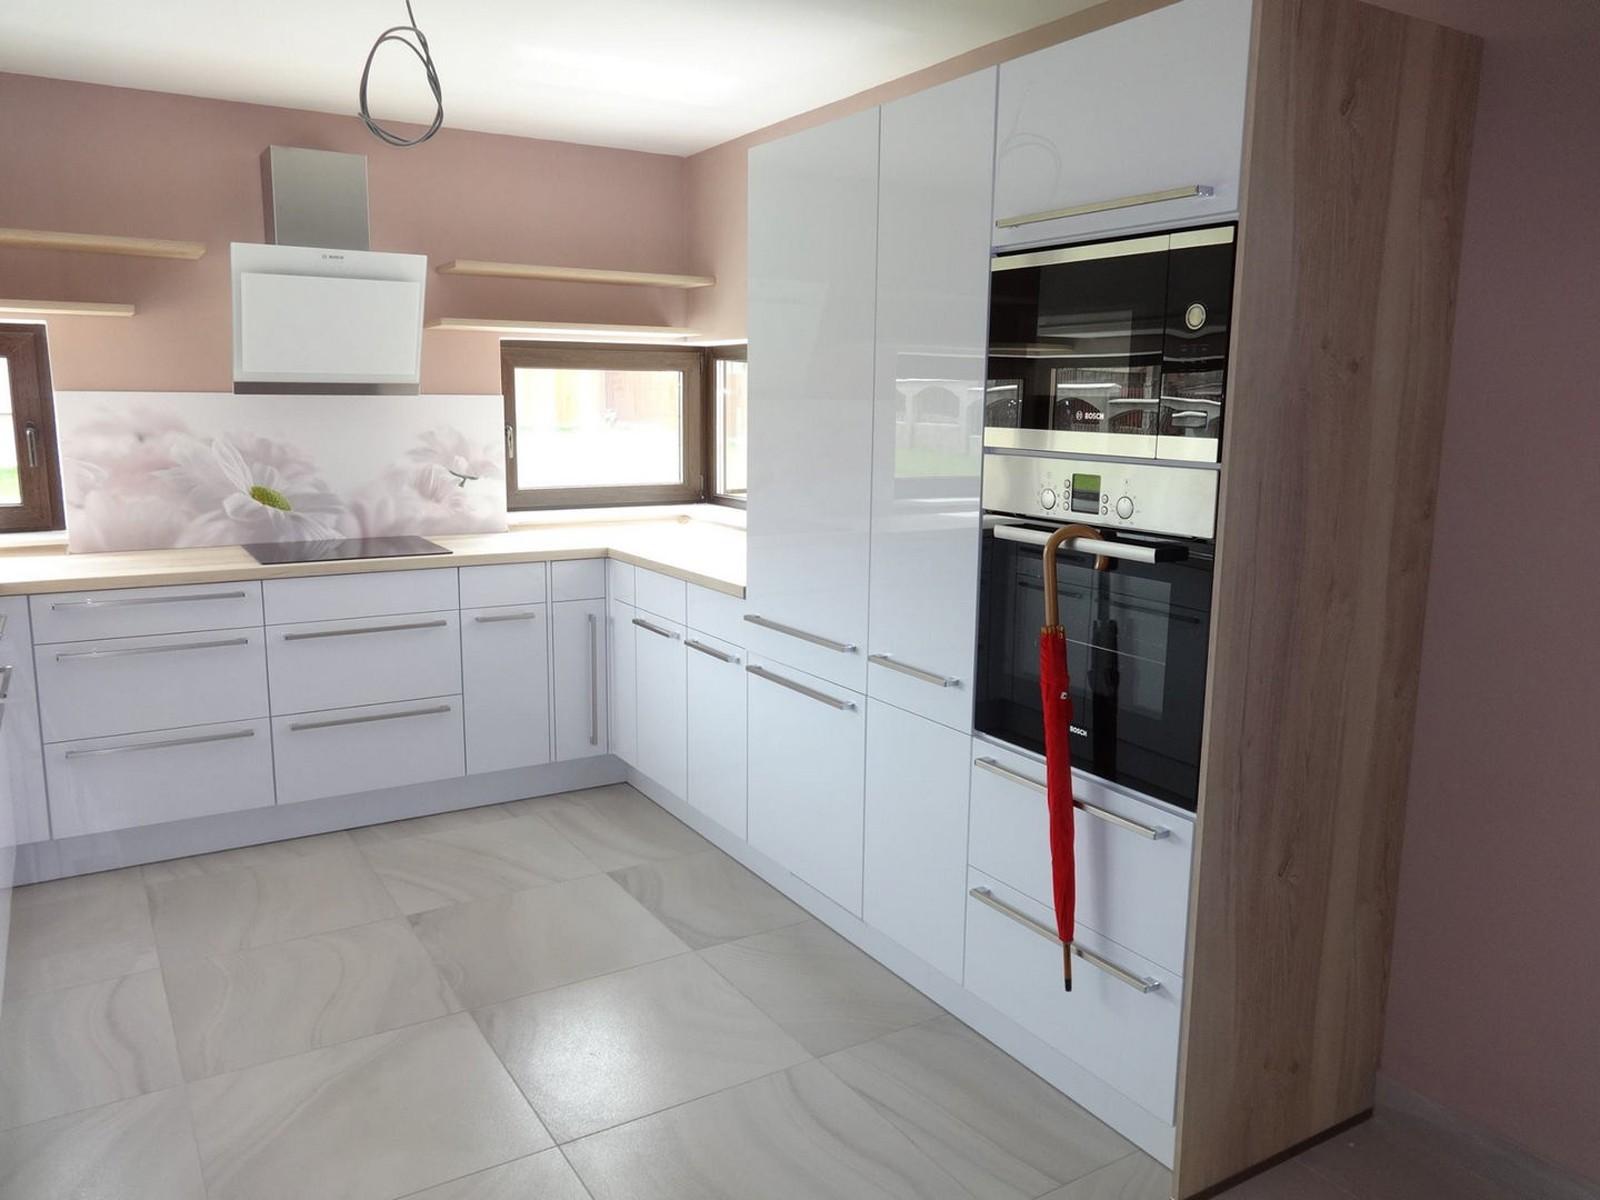 Referință - Bucătărie modernă Nobilia Focus -  Alb premium / Stejar Plank